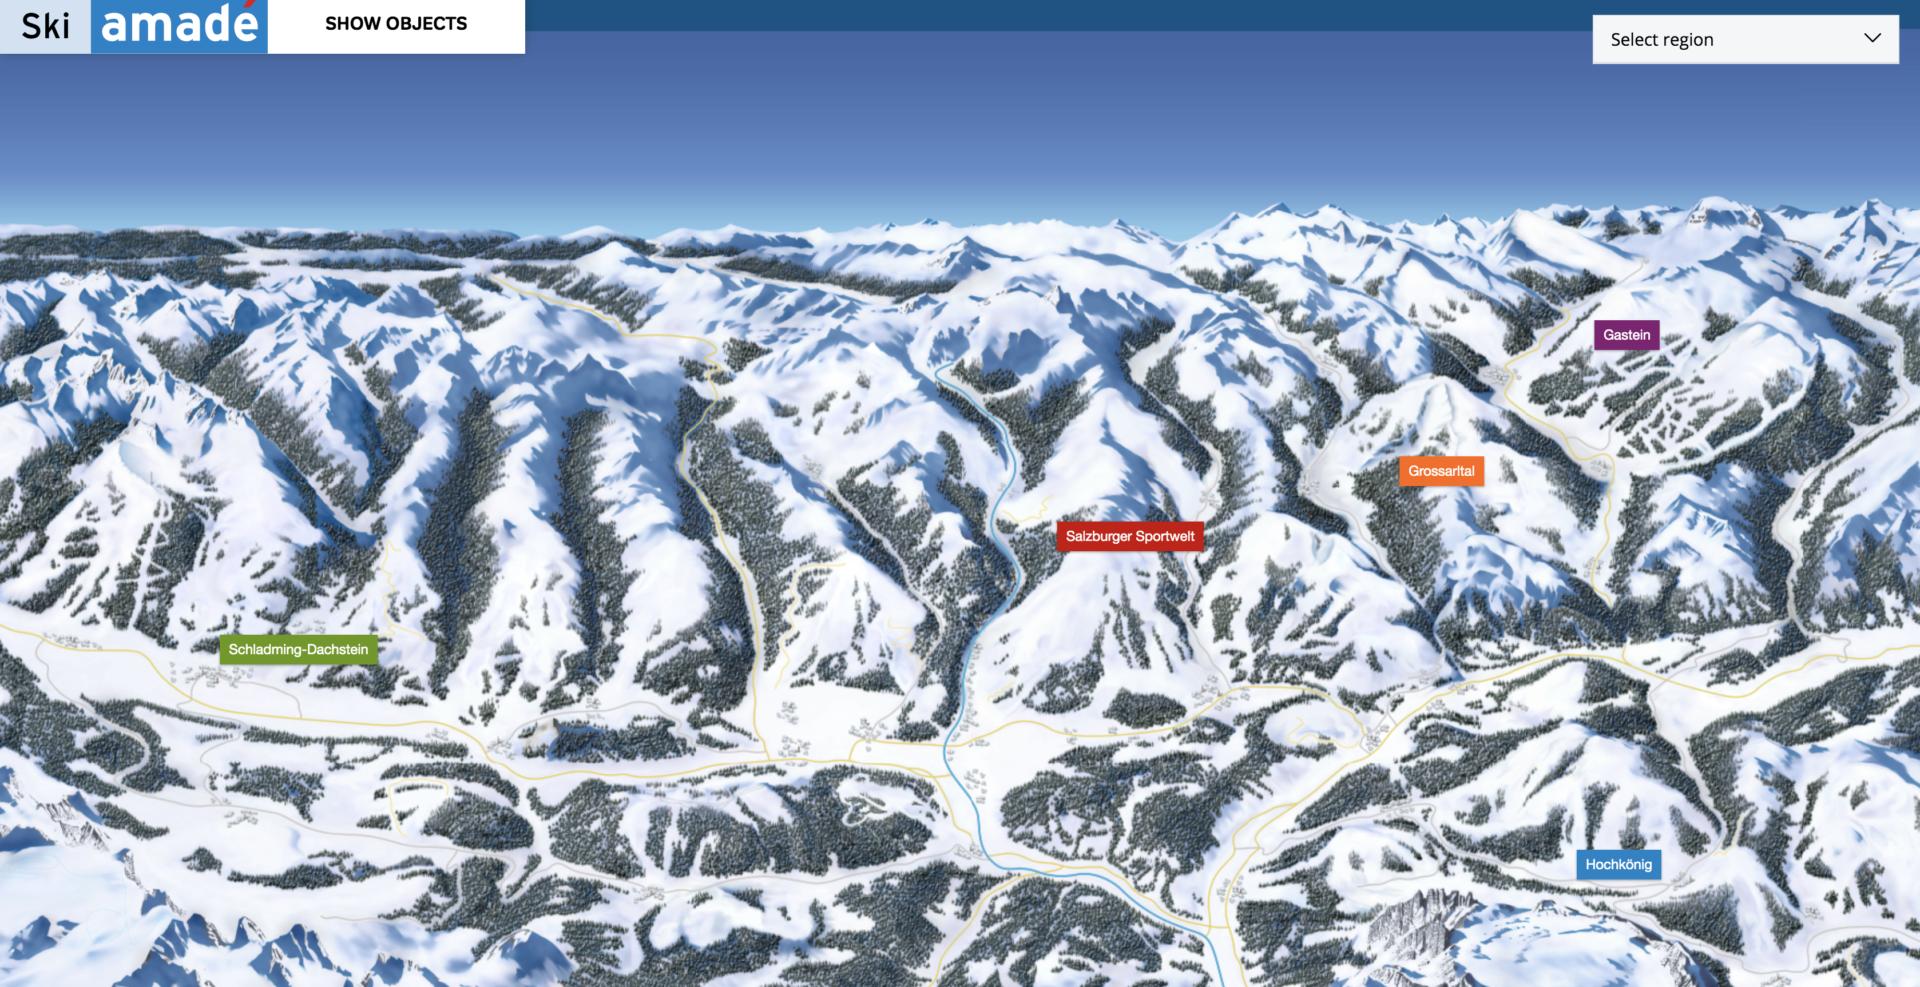 Kaart Ski Amadé: 5 regio's om te skiën. Gastein, Hochkönig, Grossarltal, Salzburger Sportwelt en Schladming-Dachtstein